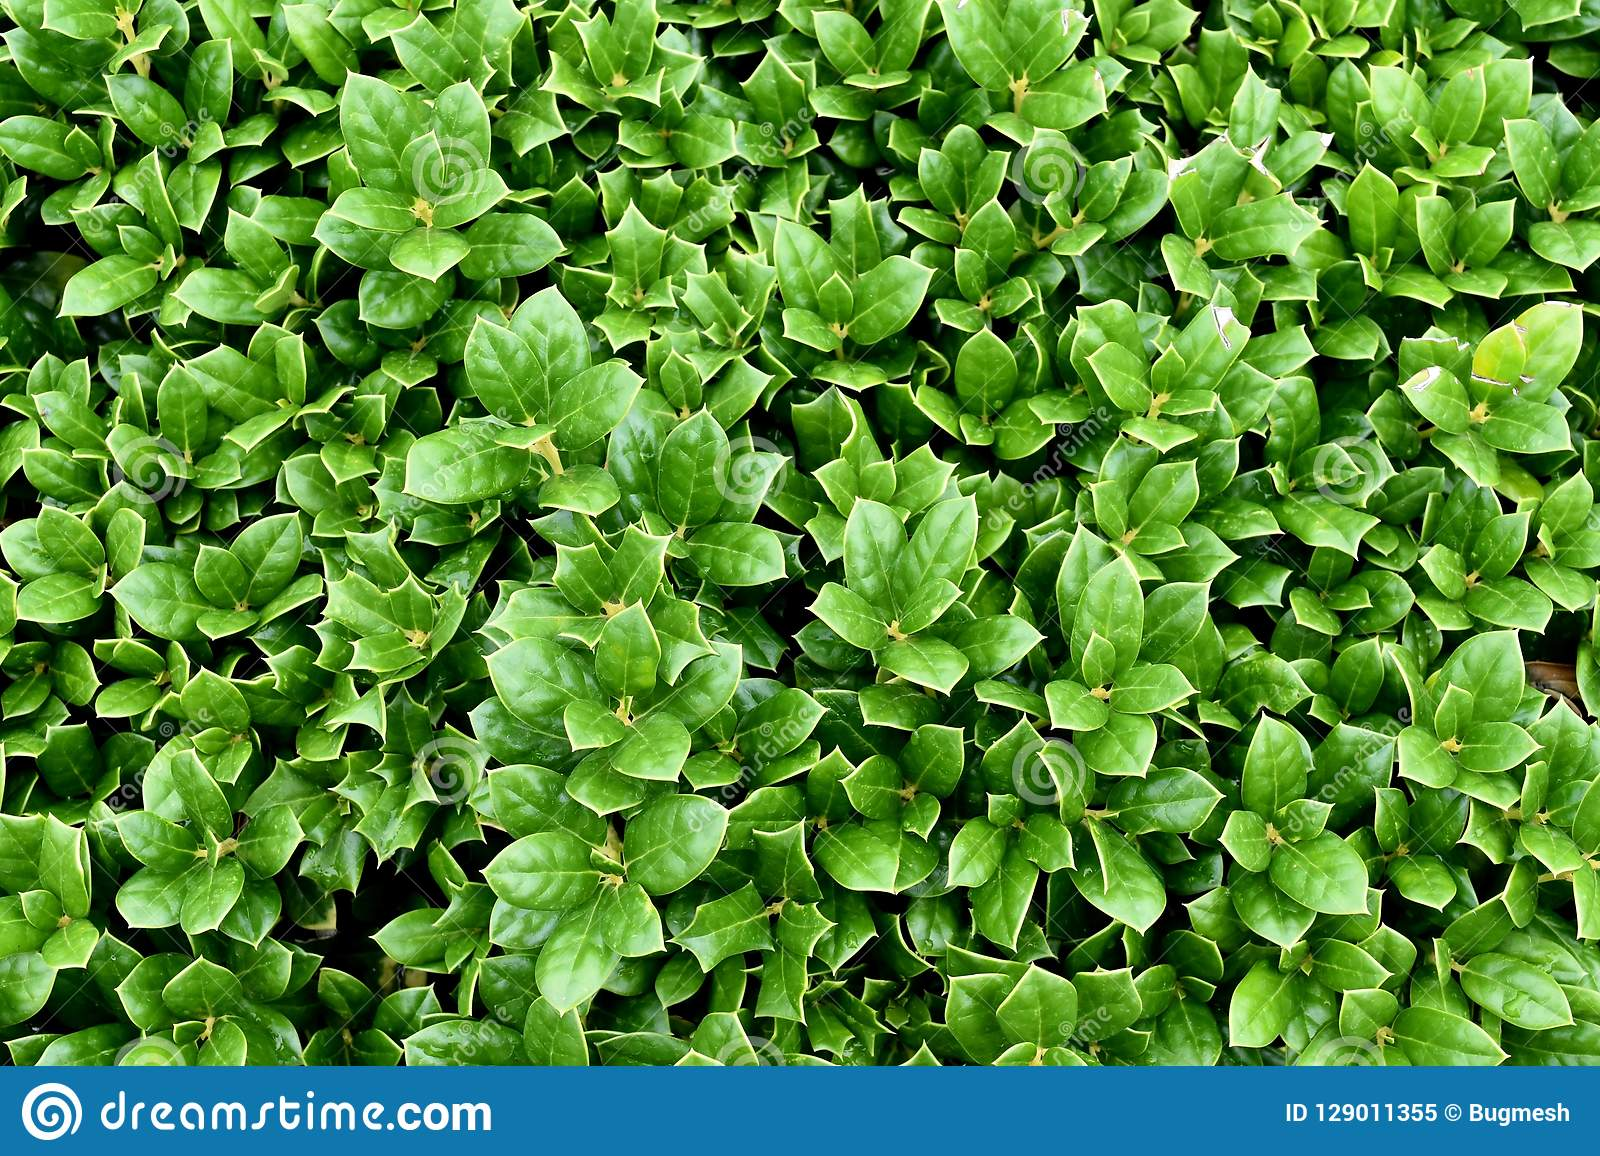 Падуб Буш Carissa, вечнозелёное растение, компактный завод, 24 дюйма